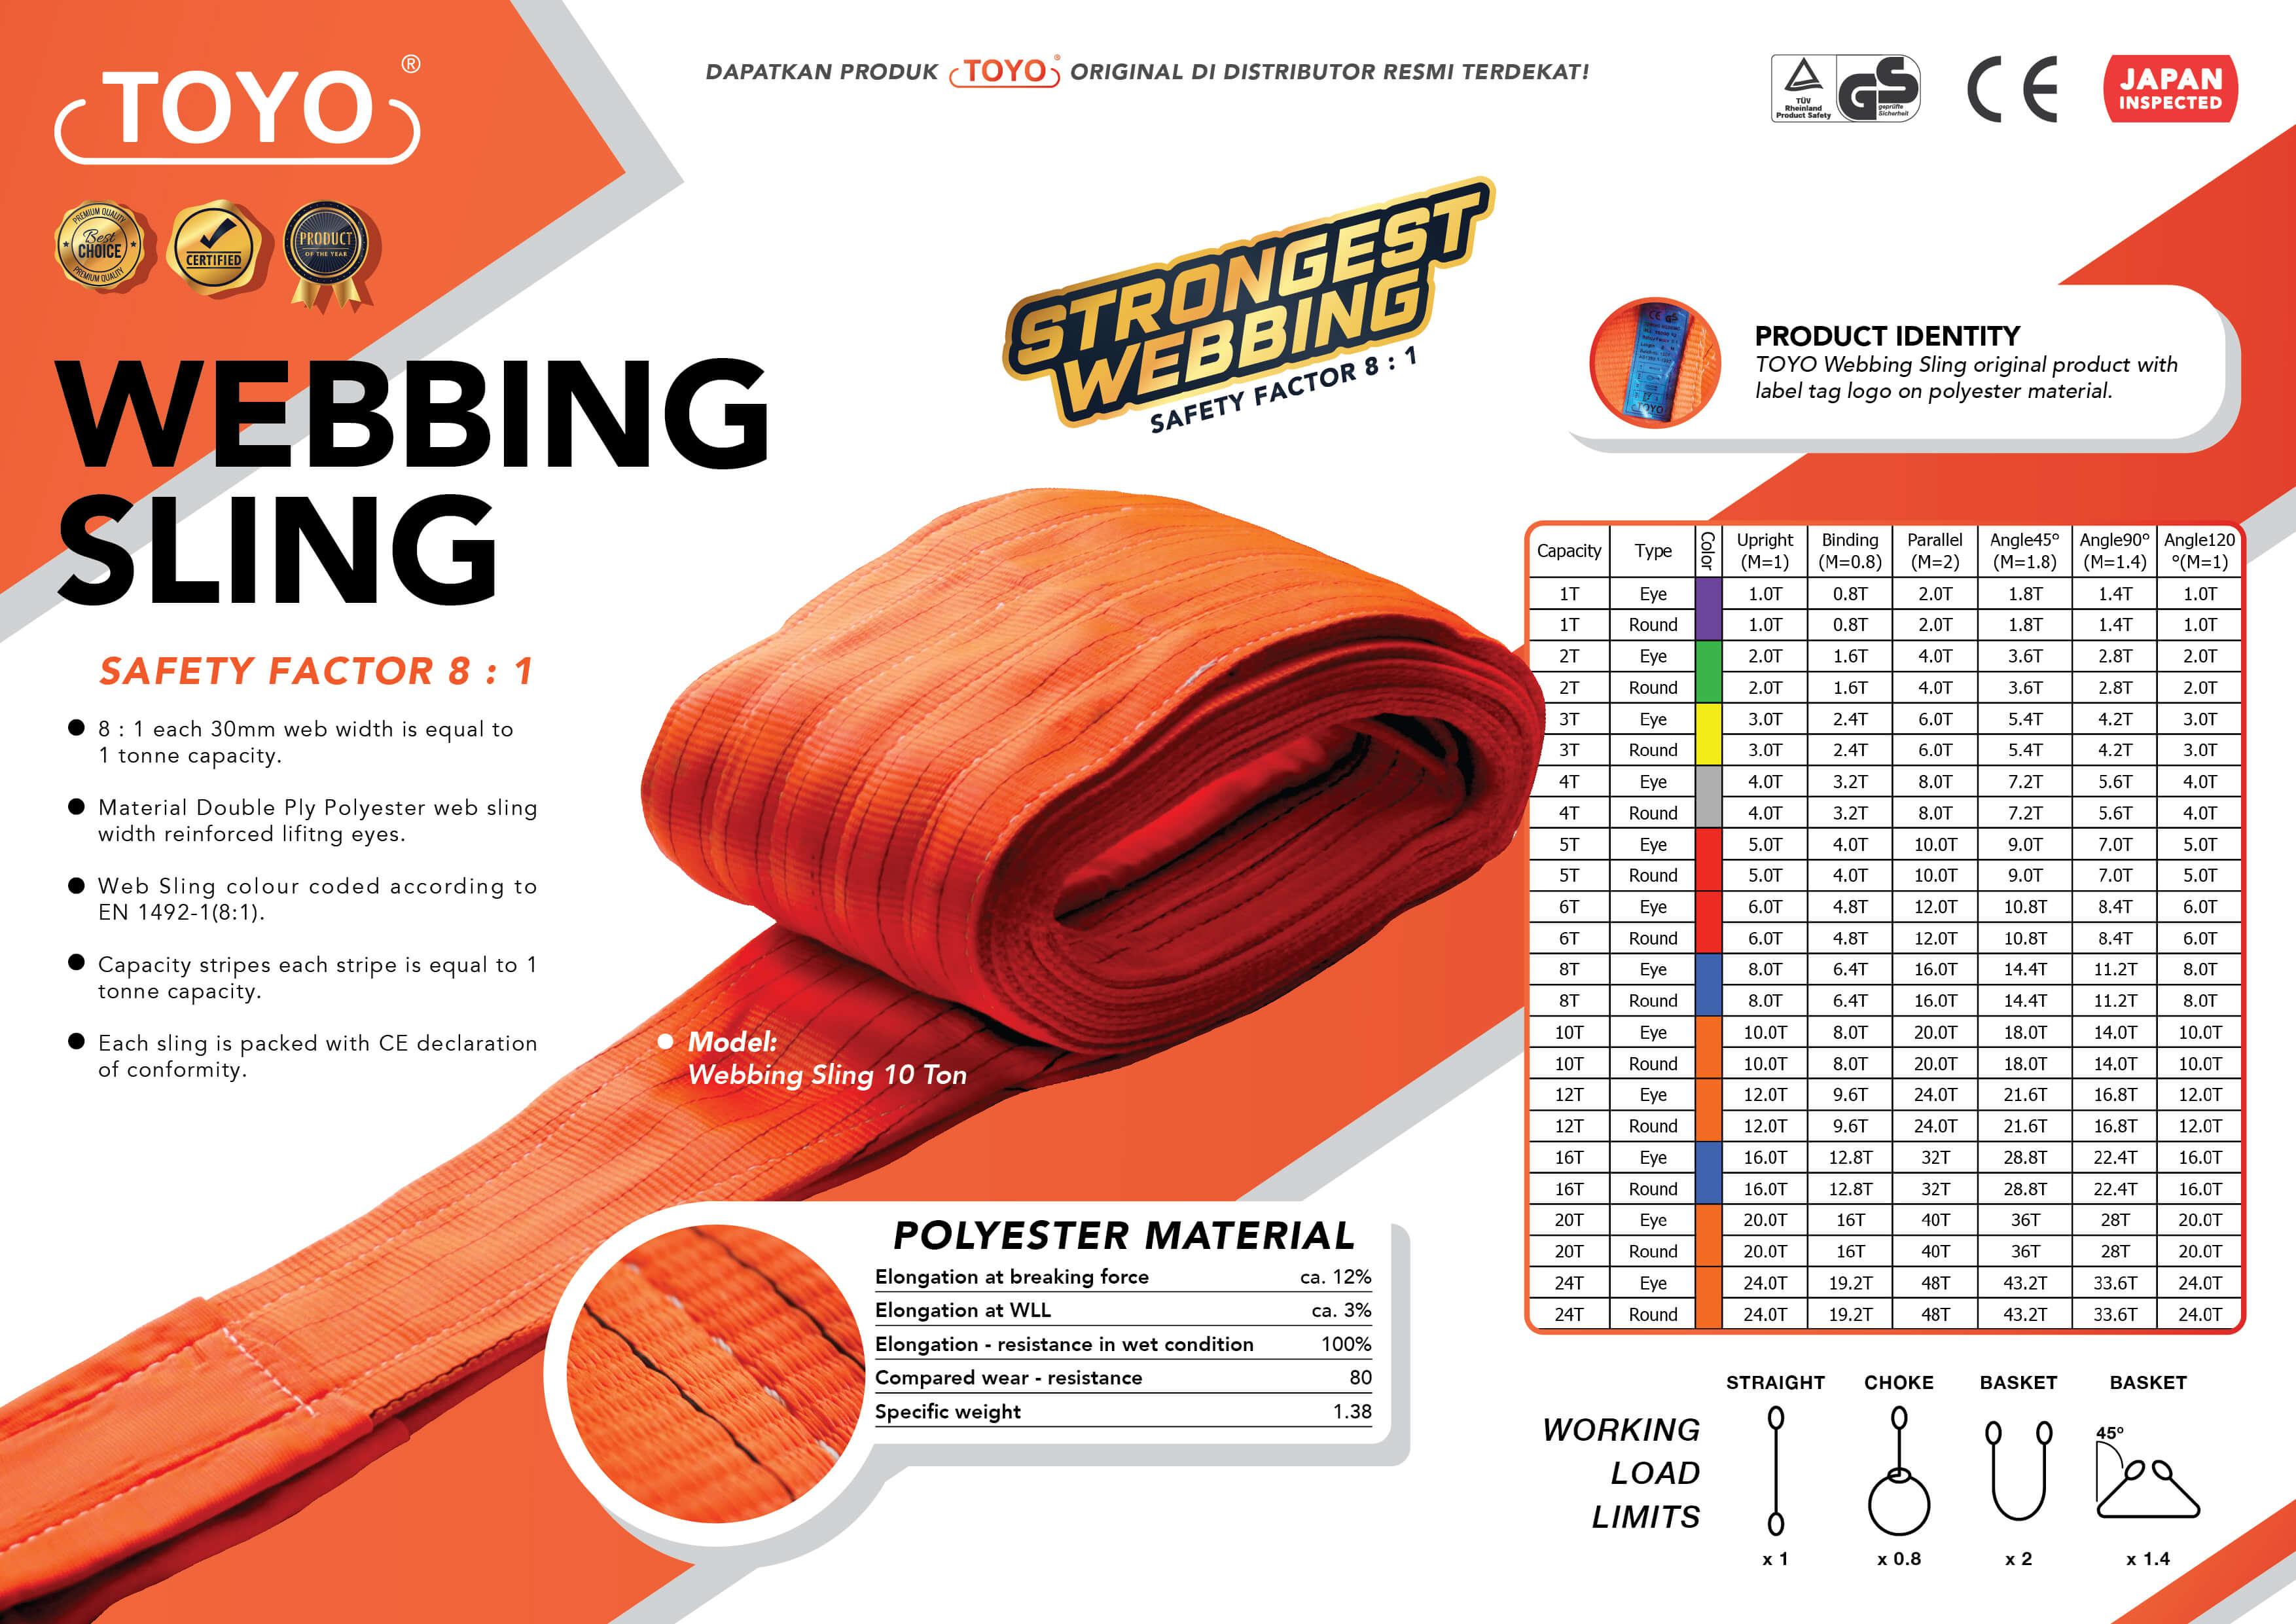 Spesifikasi Detail Webbing Sling Toyo Original